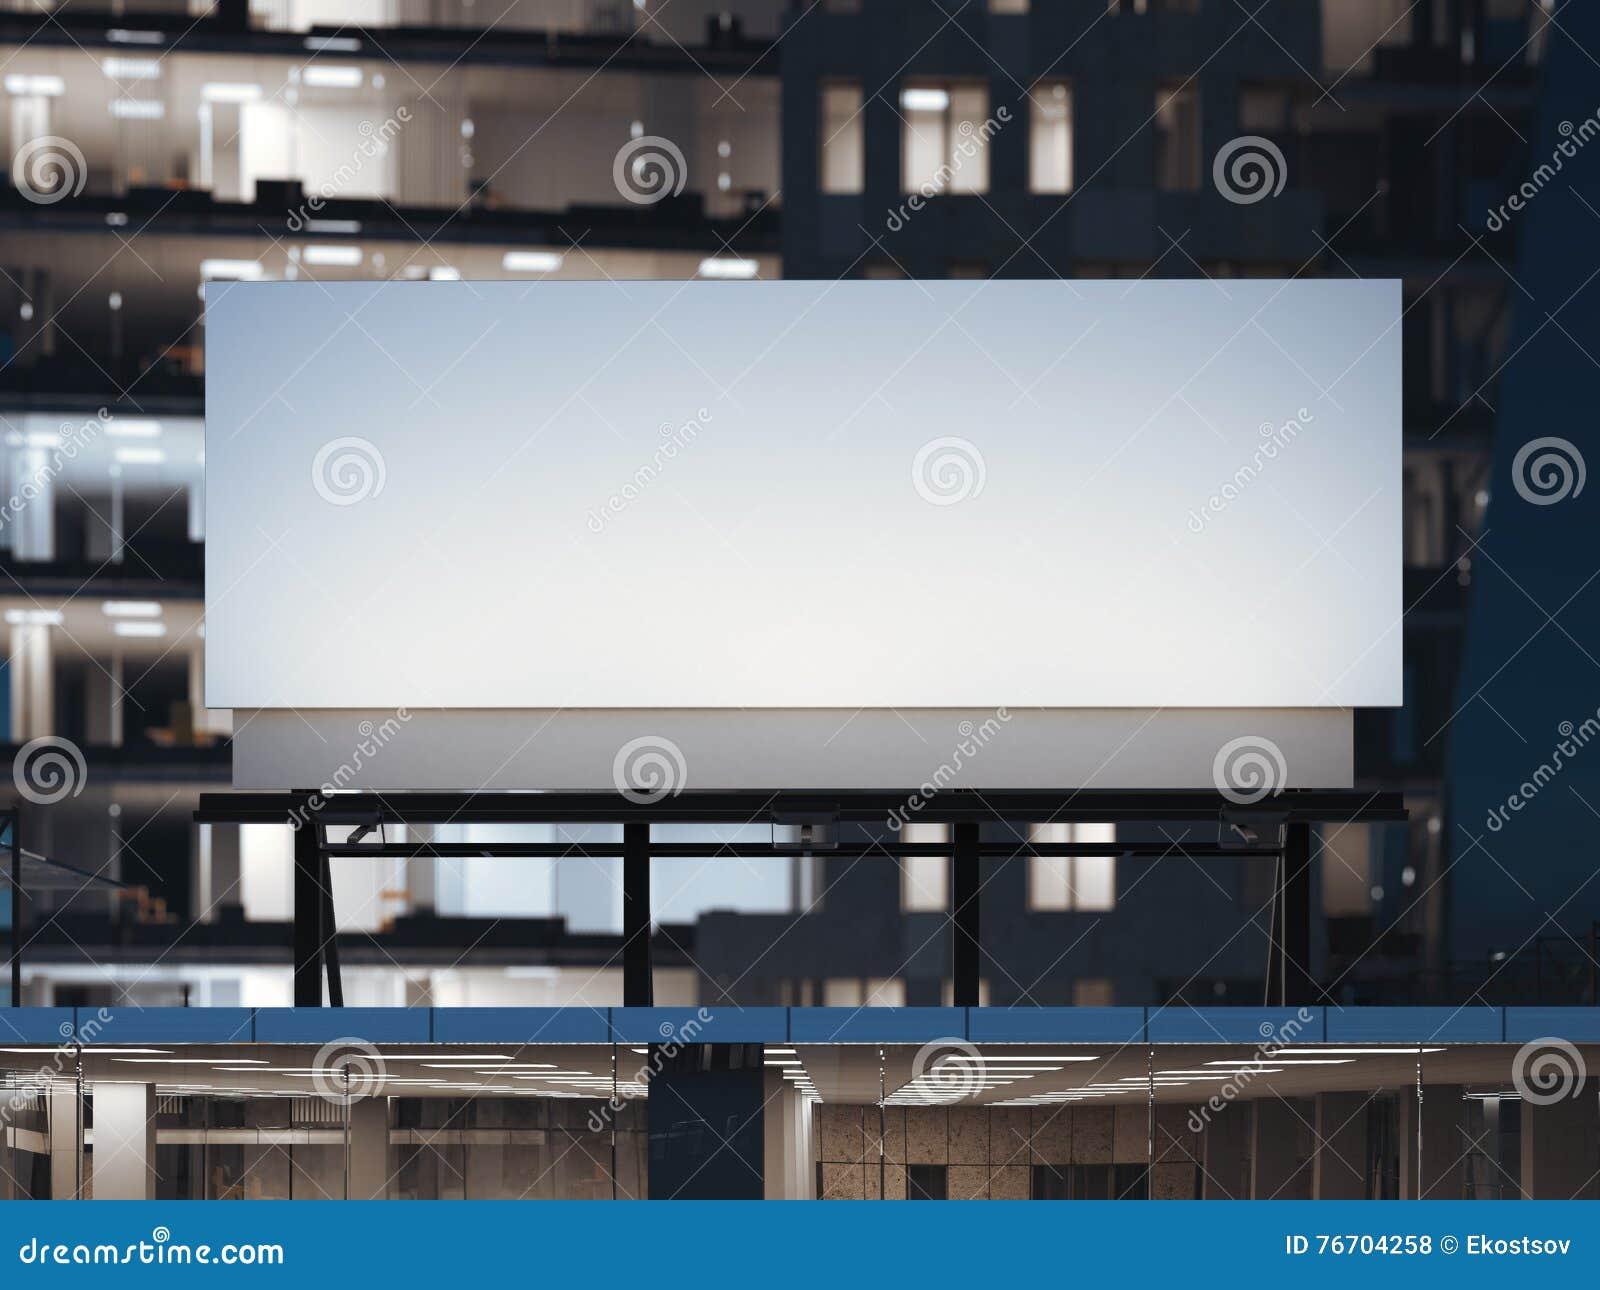 Άσπρος πίνακας διαφημίσεων που στέκεται σε ένα σύγχρονο κτίριο γραφείων τρισδιάστατη απόδοση